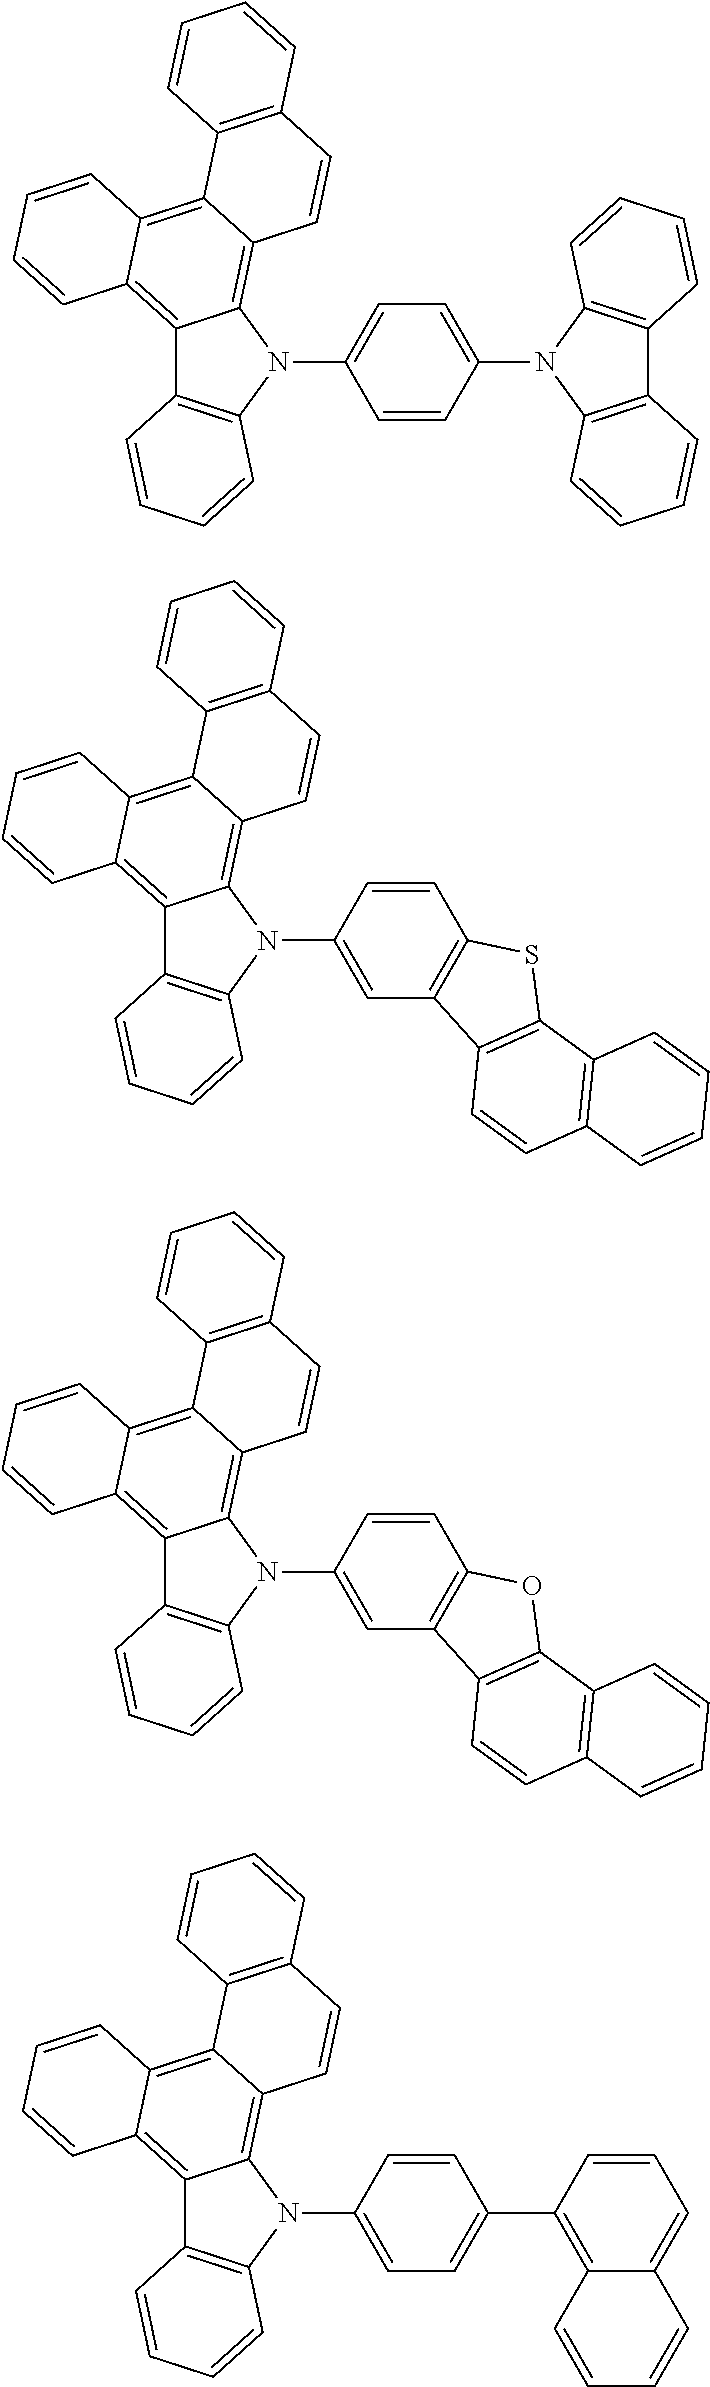 Figure US09837615-20171205-C00039